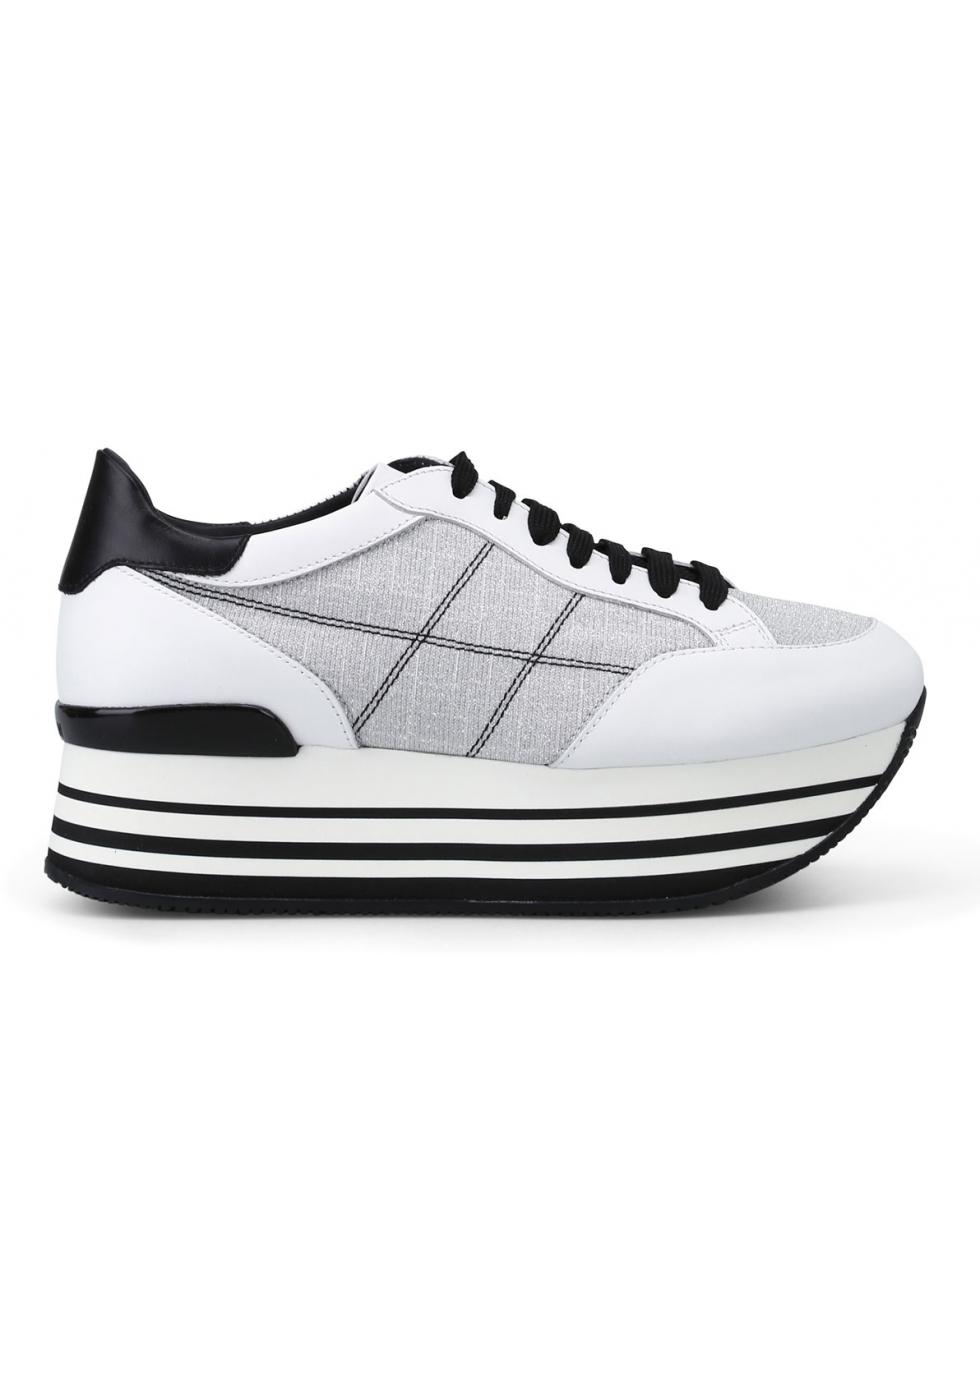 Hogan Sneakers con zeppa alta da donna in pelle e tessuto bianco ...